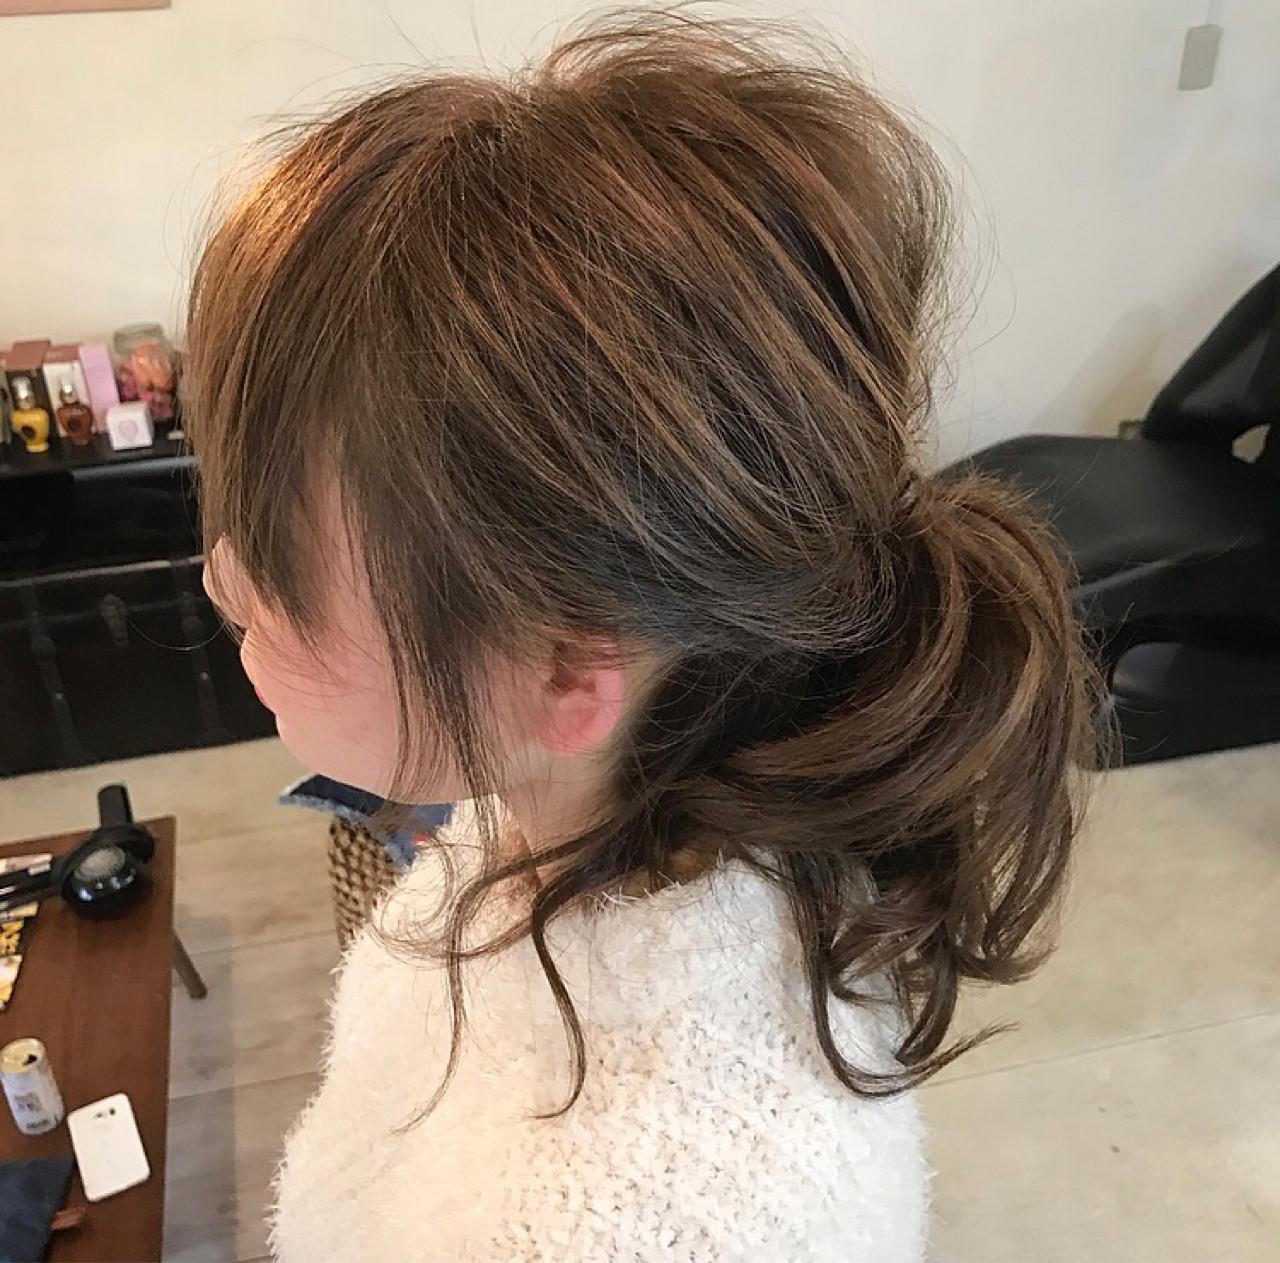 セミロング ヘアアレンジ ナチュラル ラフ ヘアスタイルや髪型の写真・画像 | YUSUKE NAKAMURA / TORICO HEART (トリコハート)